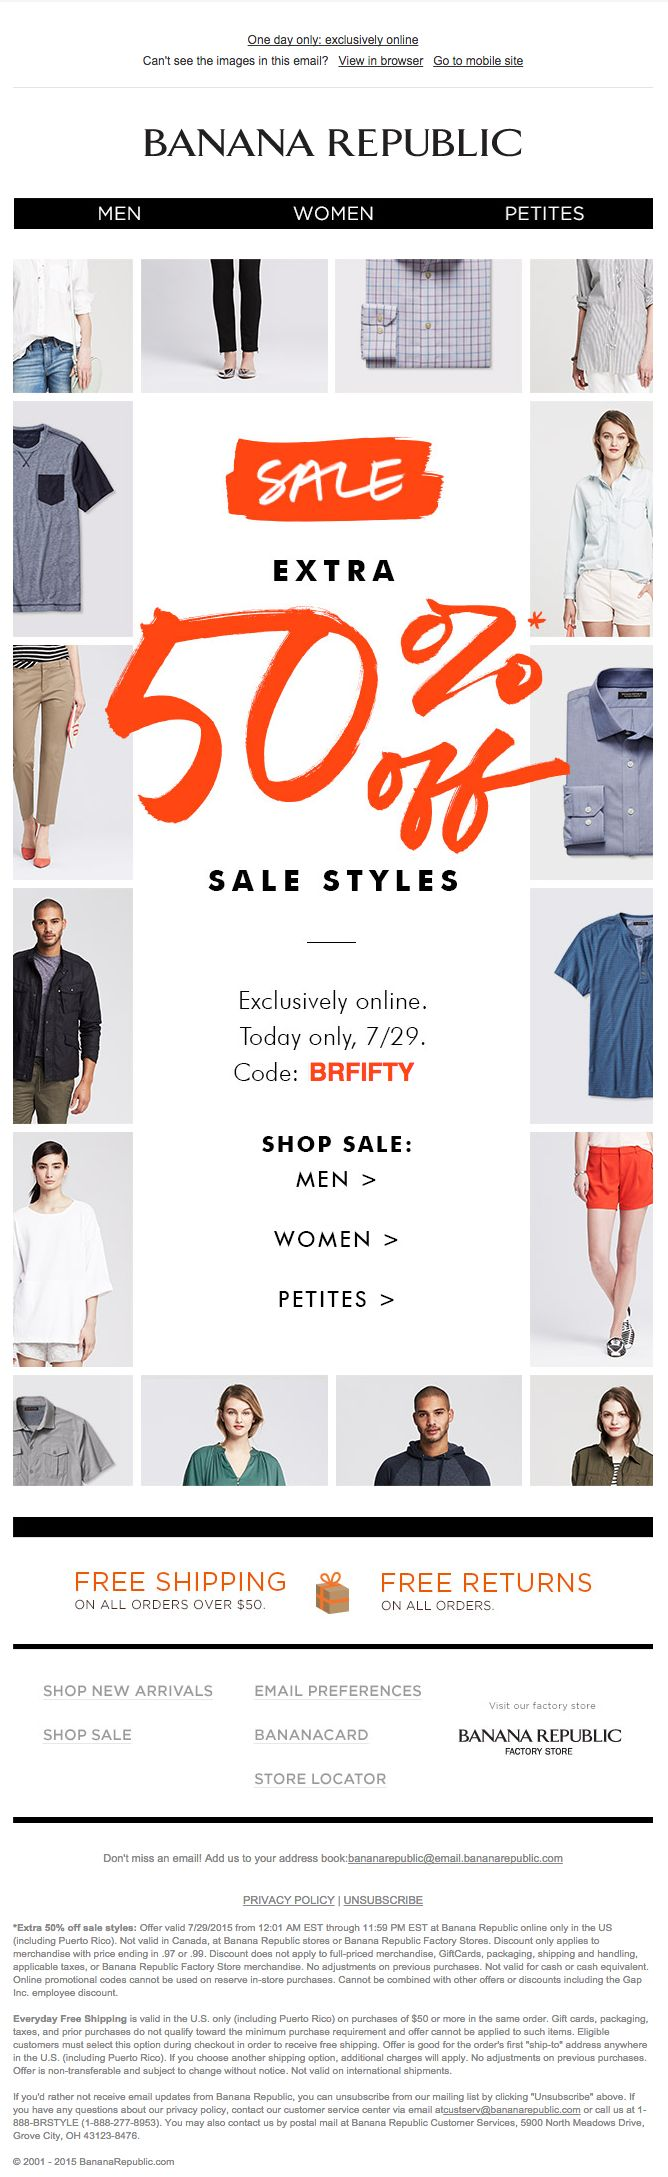 BANANA REPUBLIC: промо рассылка (29/07/15). Письмо о том, что летние распродажи еще больше только сегодня. Но хотелось бы обратить внимание на креатив: немного текста, большая привлекательная цифра и рамочка из моделей одежды. #design #email